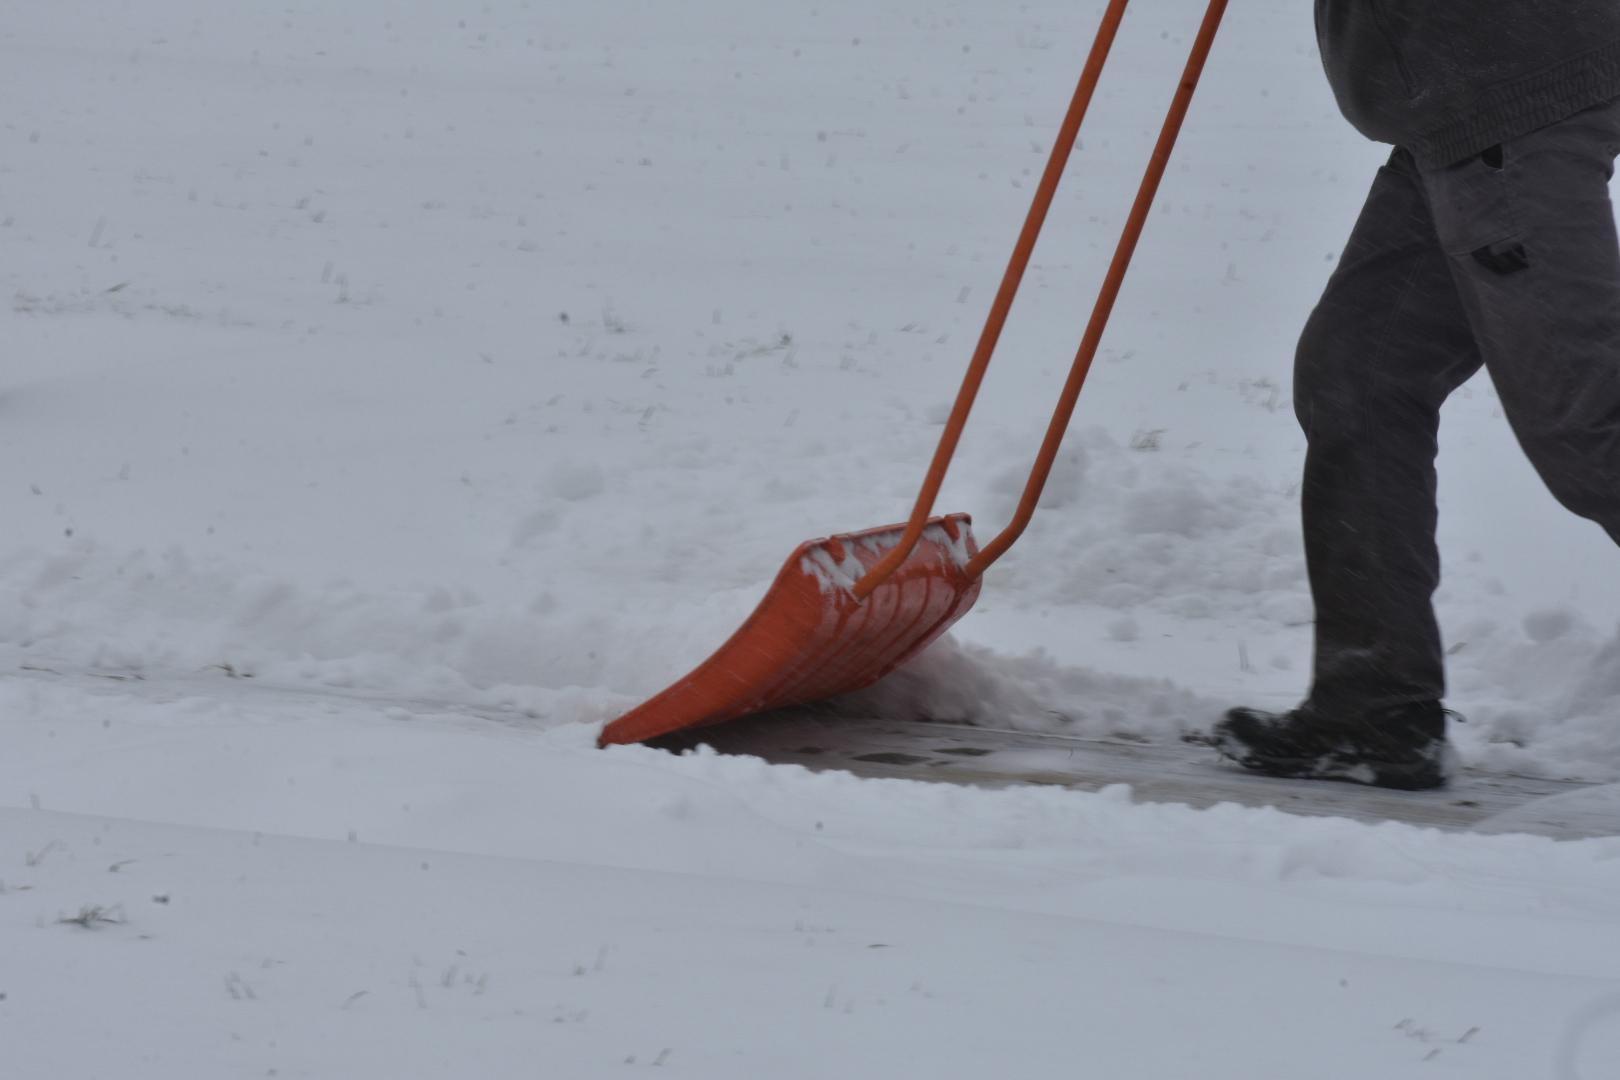 odśnieżanie śnieg - Wojtek Wardejn